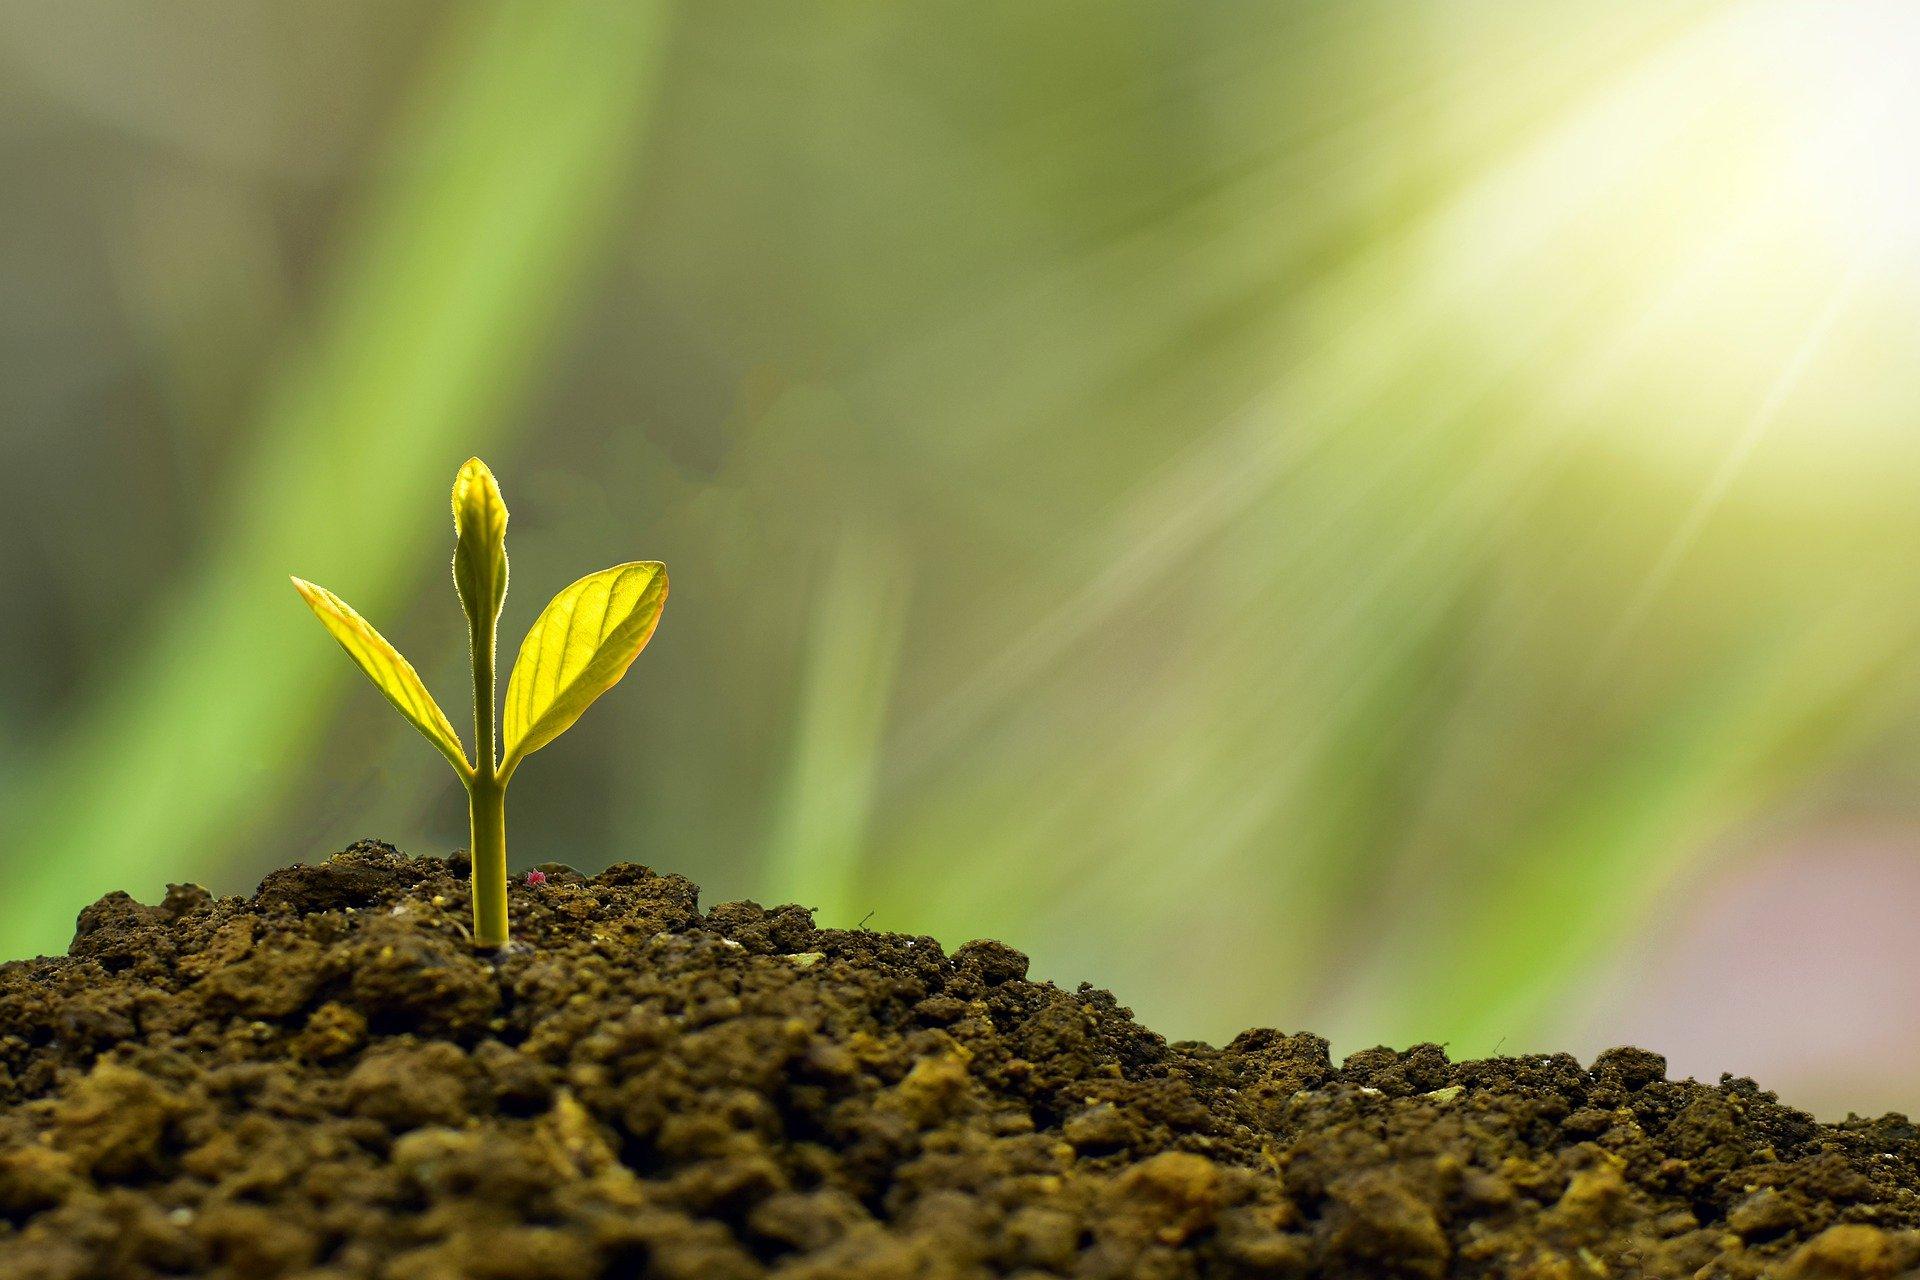 seedling growing on dirt